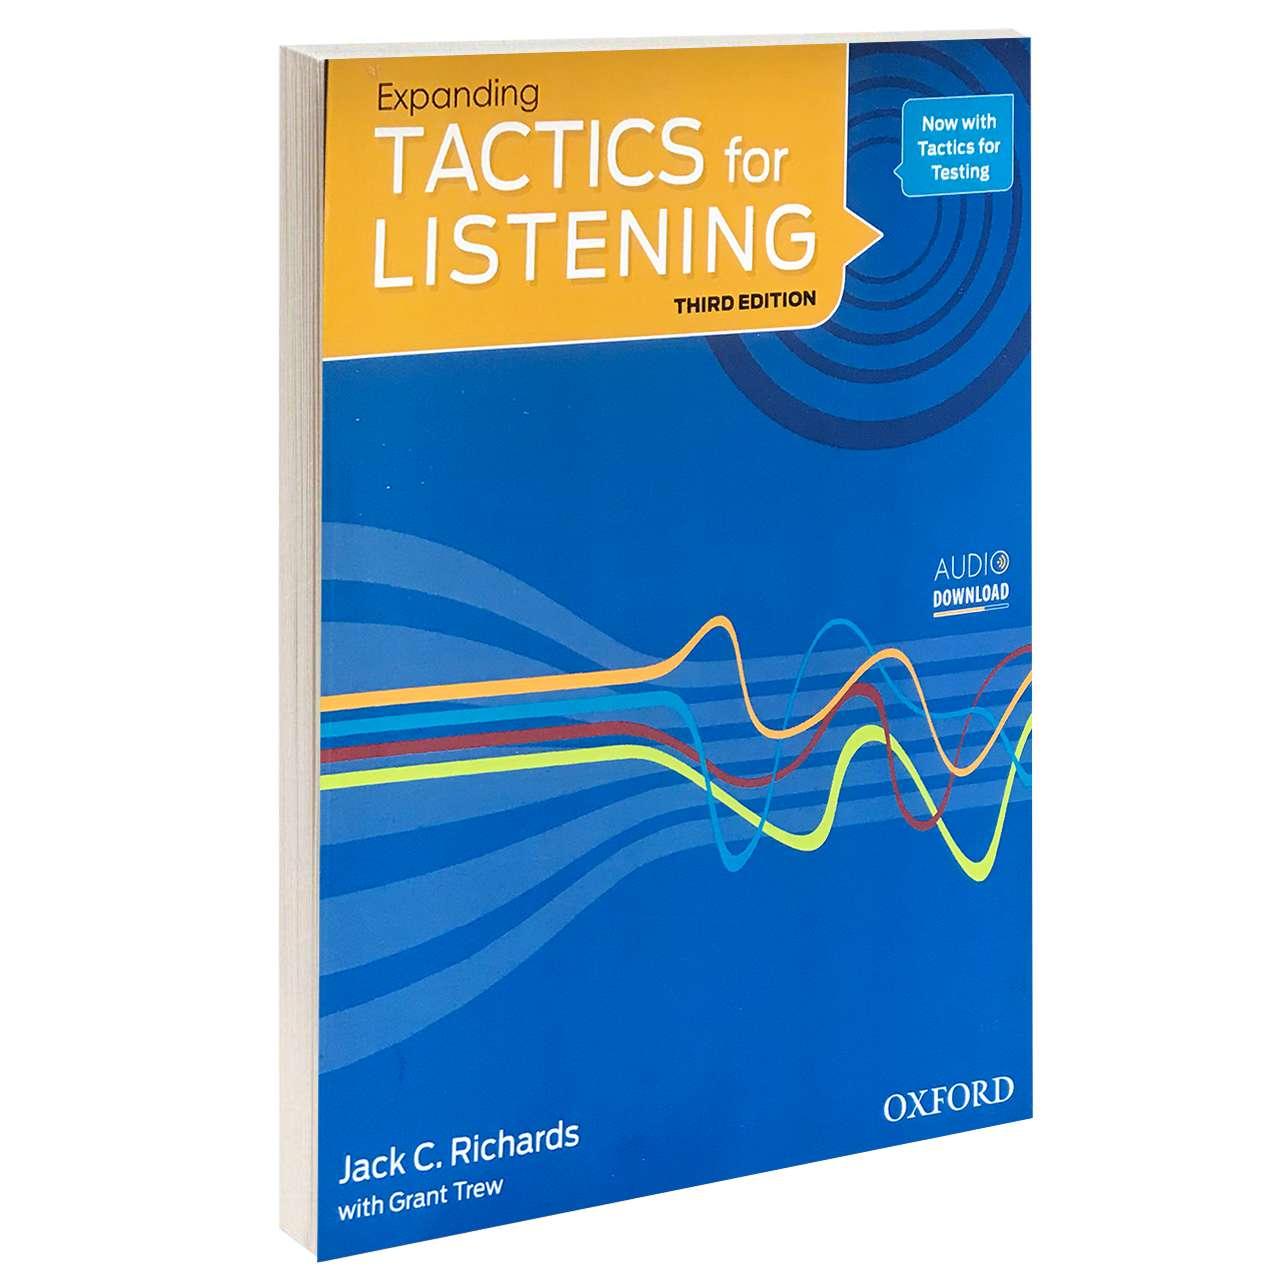 خرید                      کتاب TACTICS for LISTENING Expanding اثر Jack C. Richards and Grant Trew انتشارات Oxford